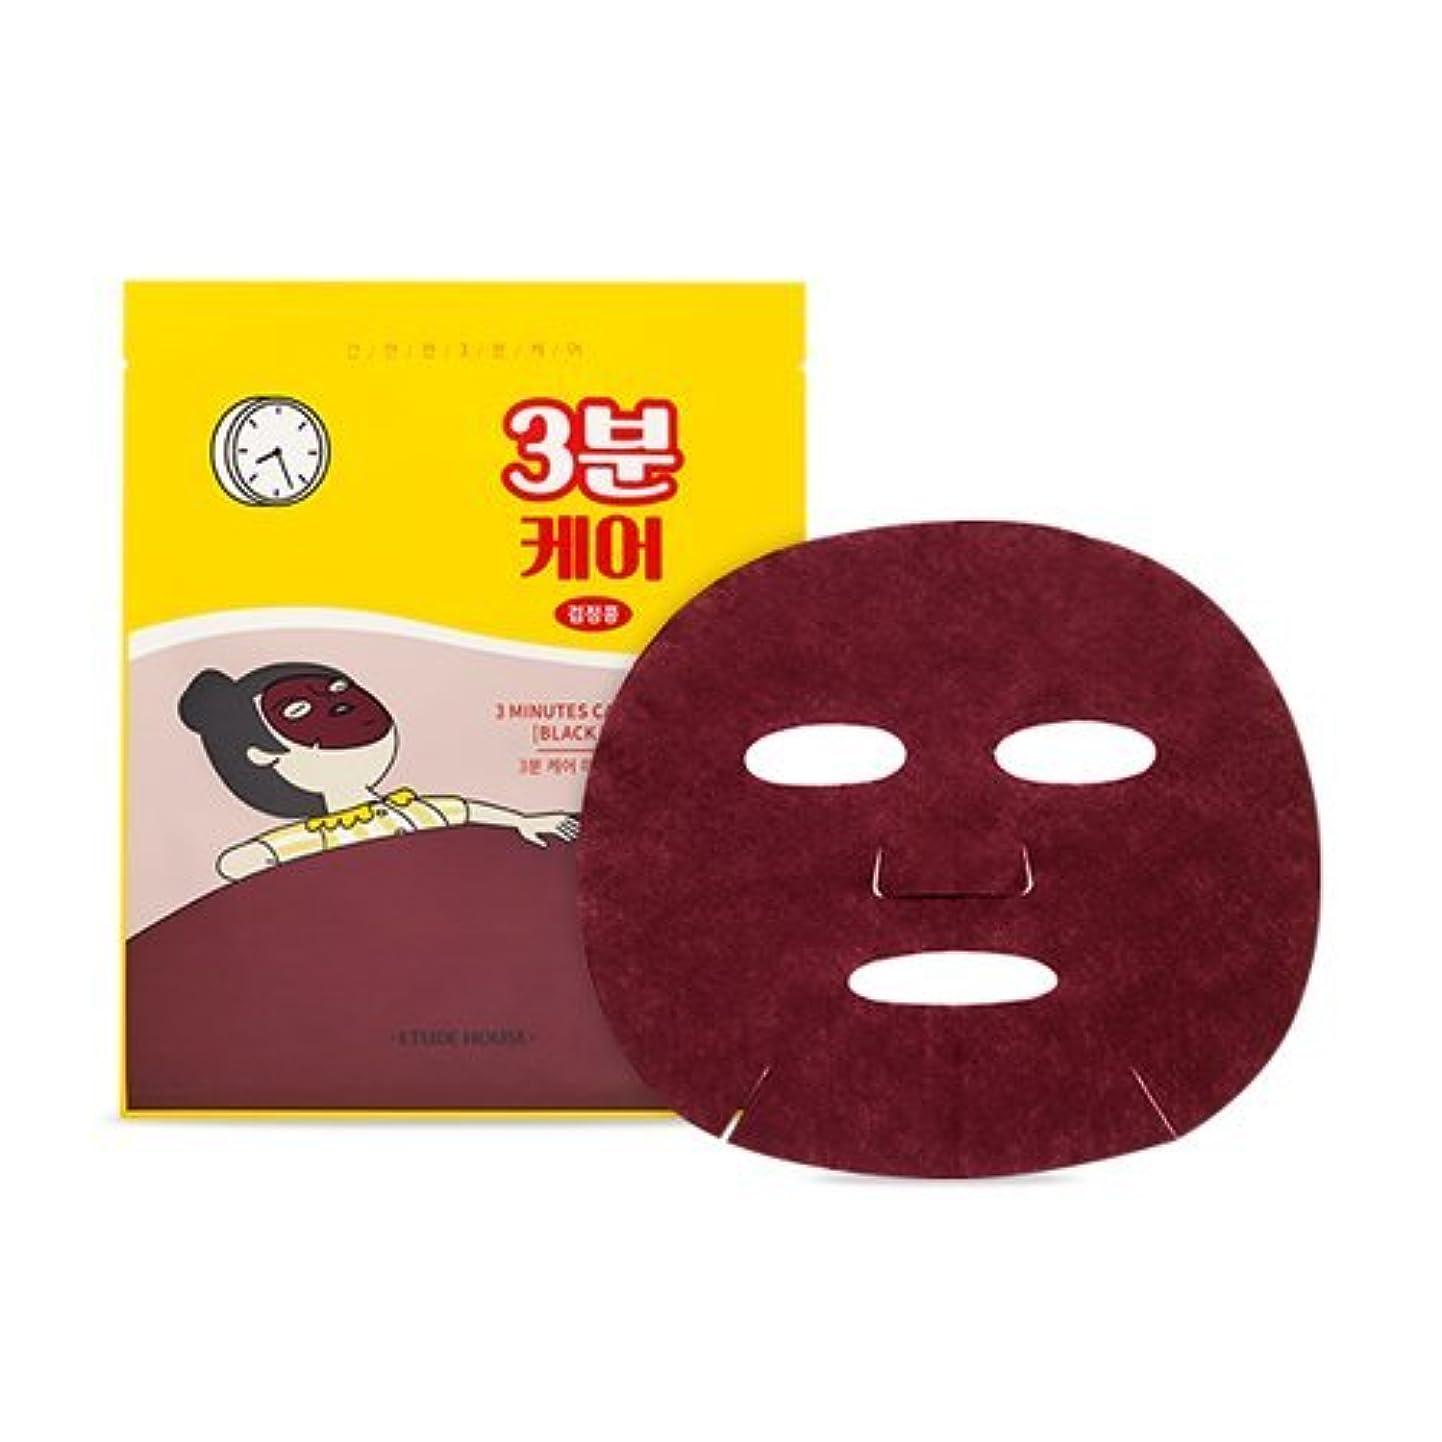 クローゼットウォーターフロントアカウントエチュードハウス 3分ケア マスク[ ブラックビーン ] 5枚/ETUDE HOUSE 3 Minutes Care Mask [BLACK BEAN] 23g*5EA